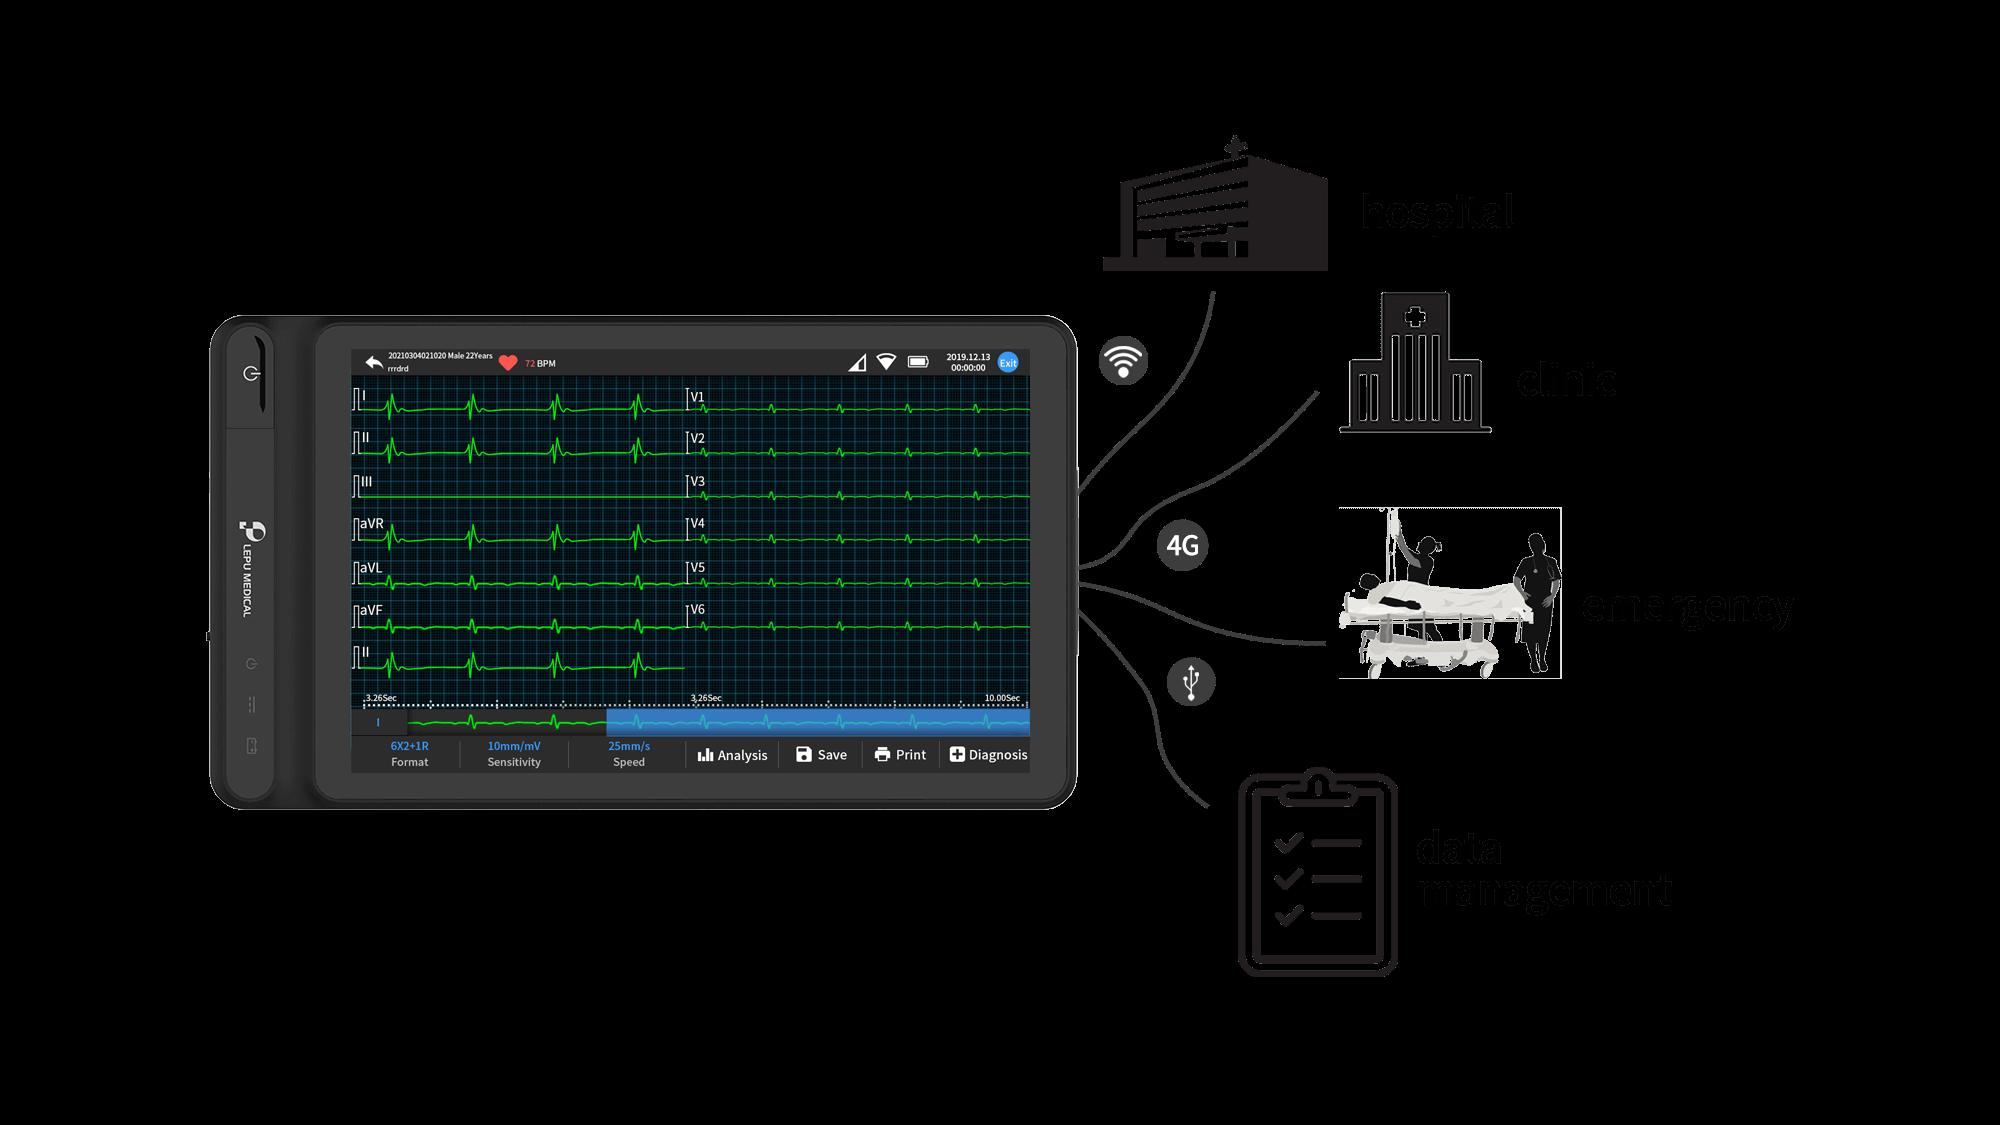 El ECG basado en tableta inteligente de Lepu Medical proporciona tres puertos para la transferencia de datos: cable USB, Wifi y 4G.